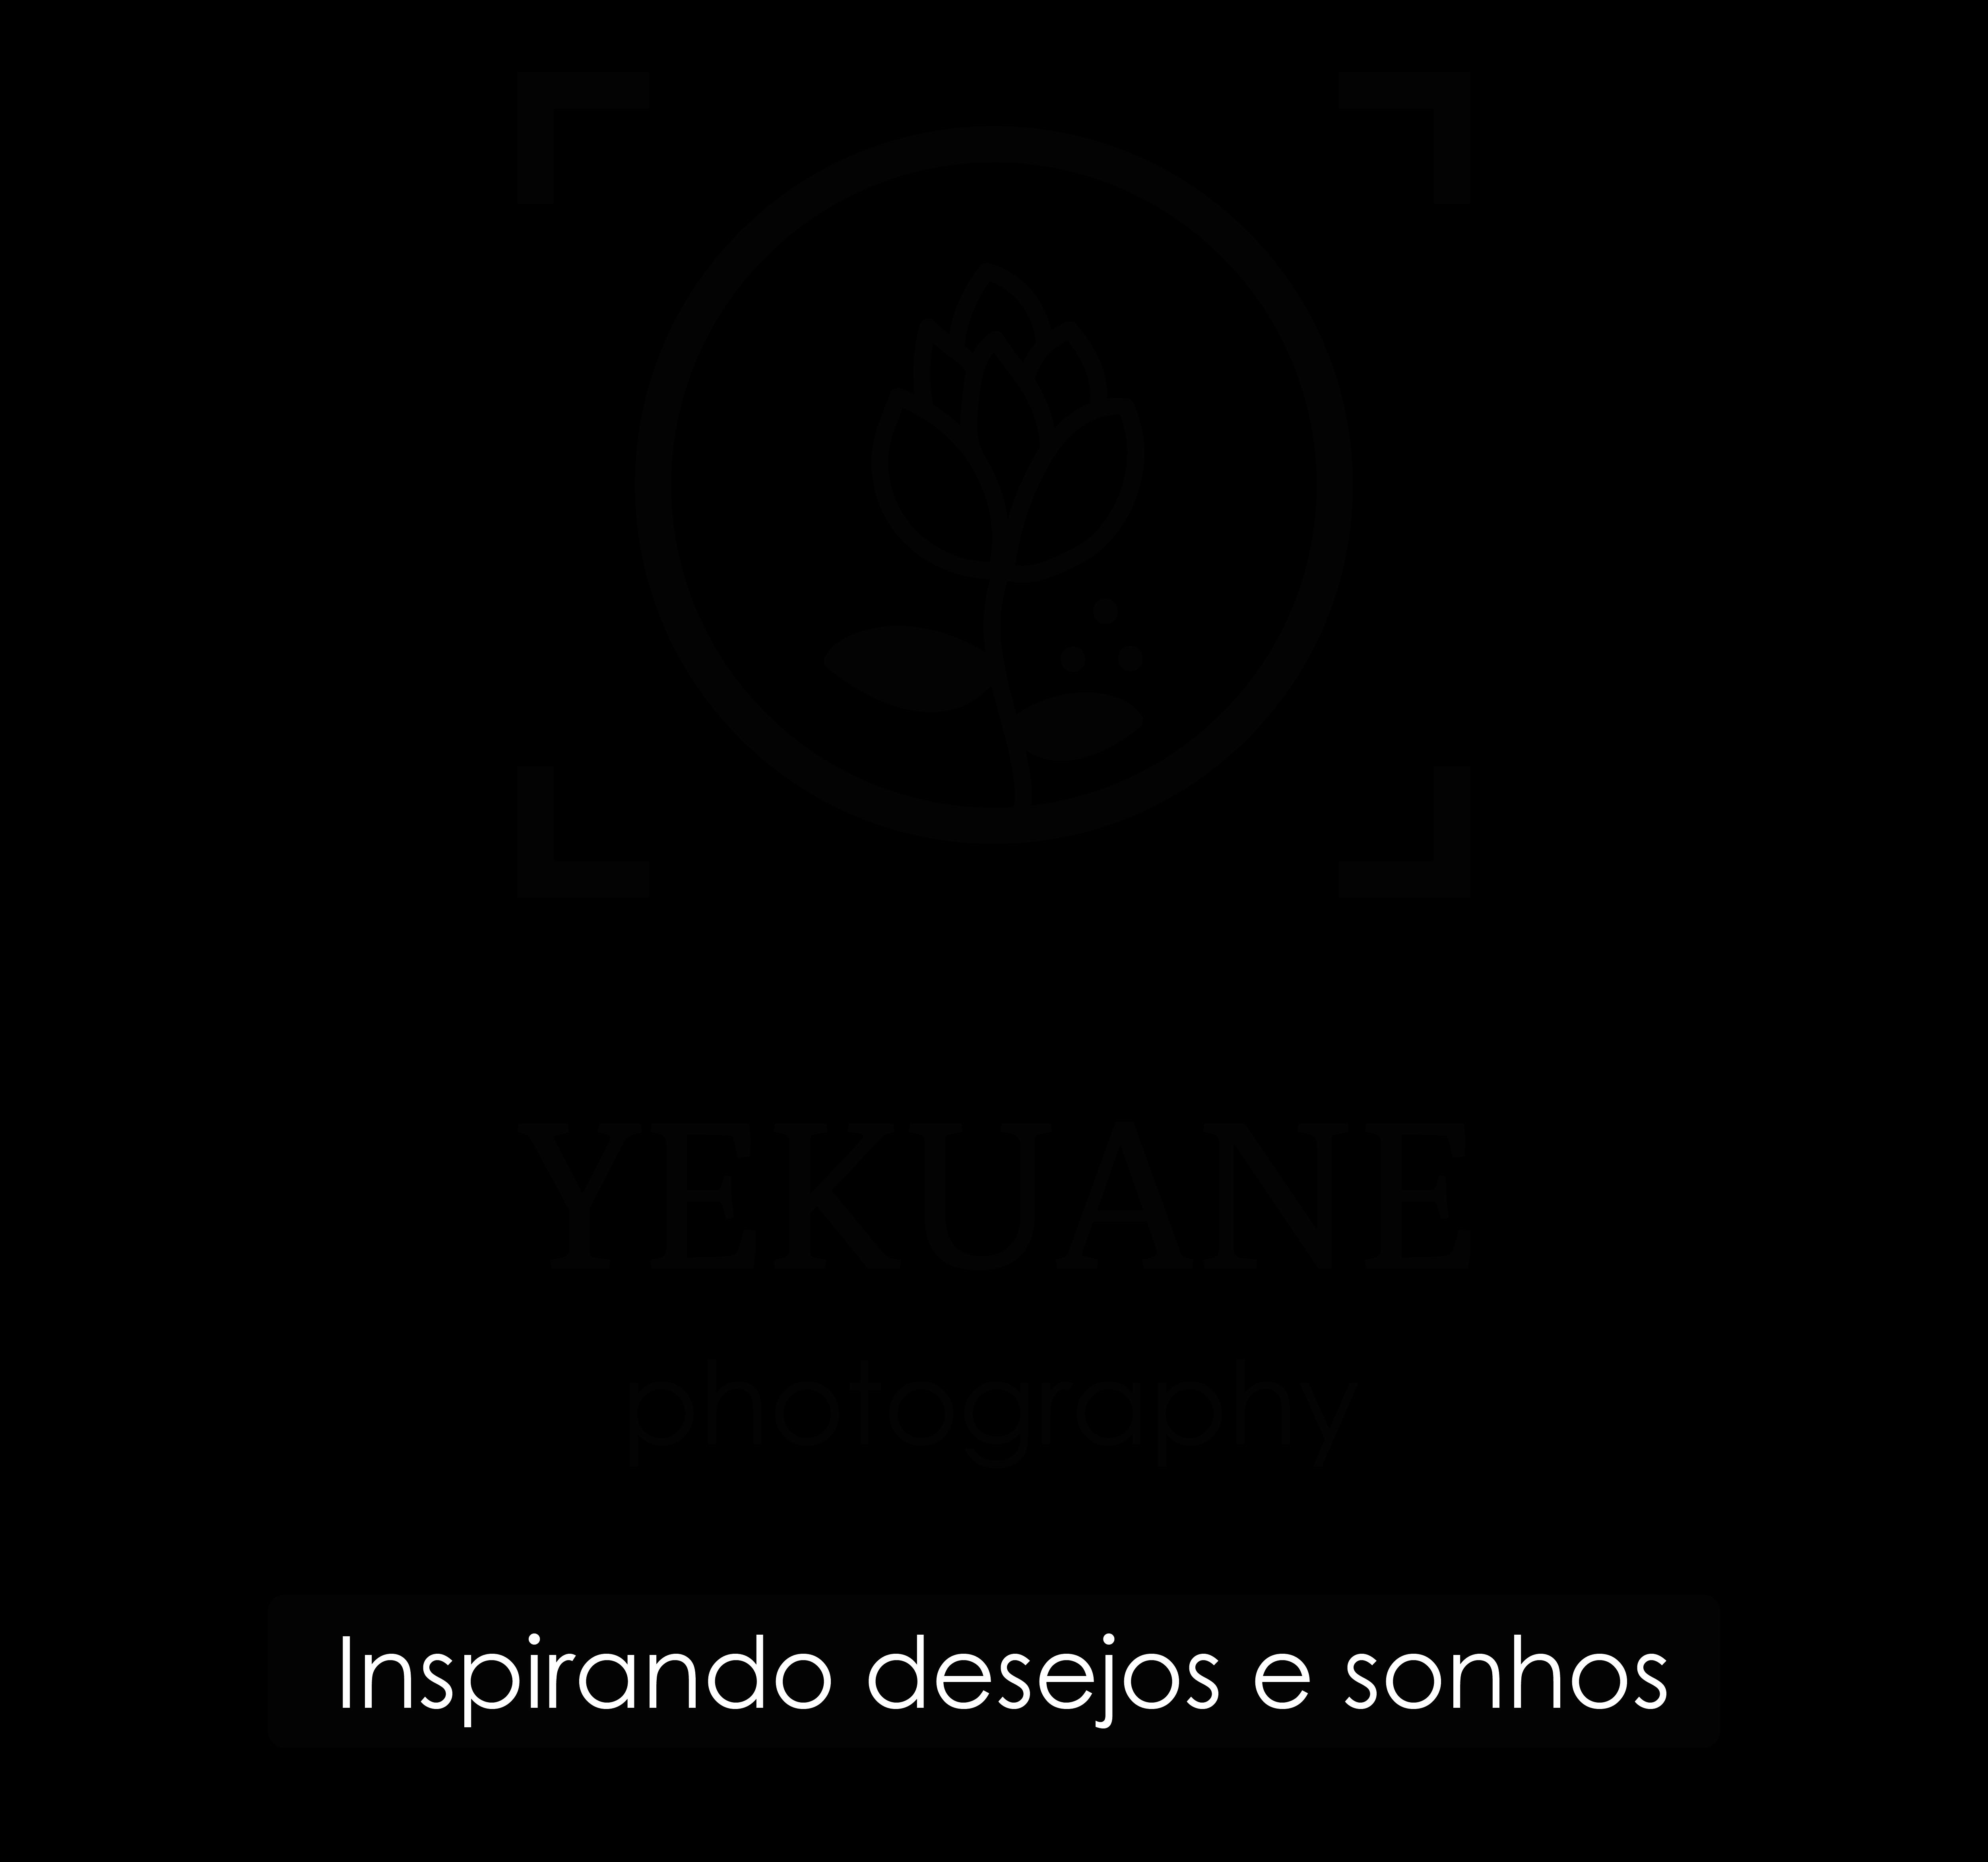 Yekuane Photography